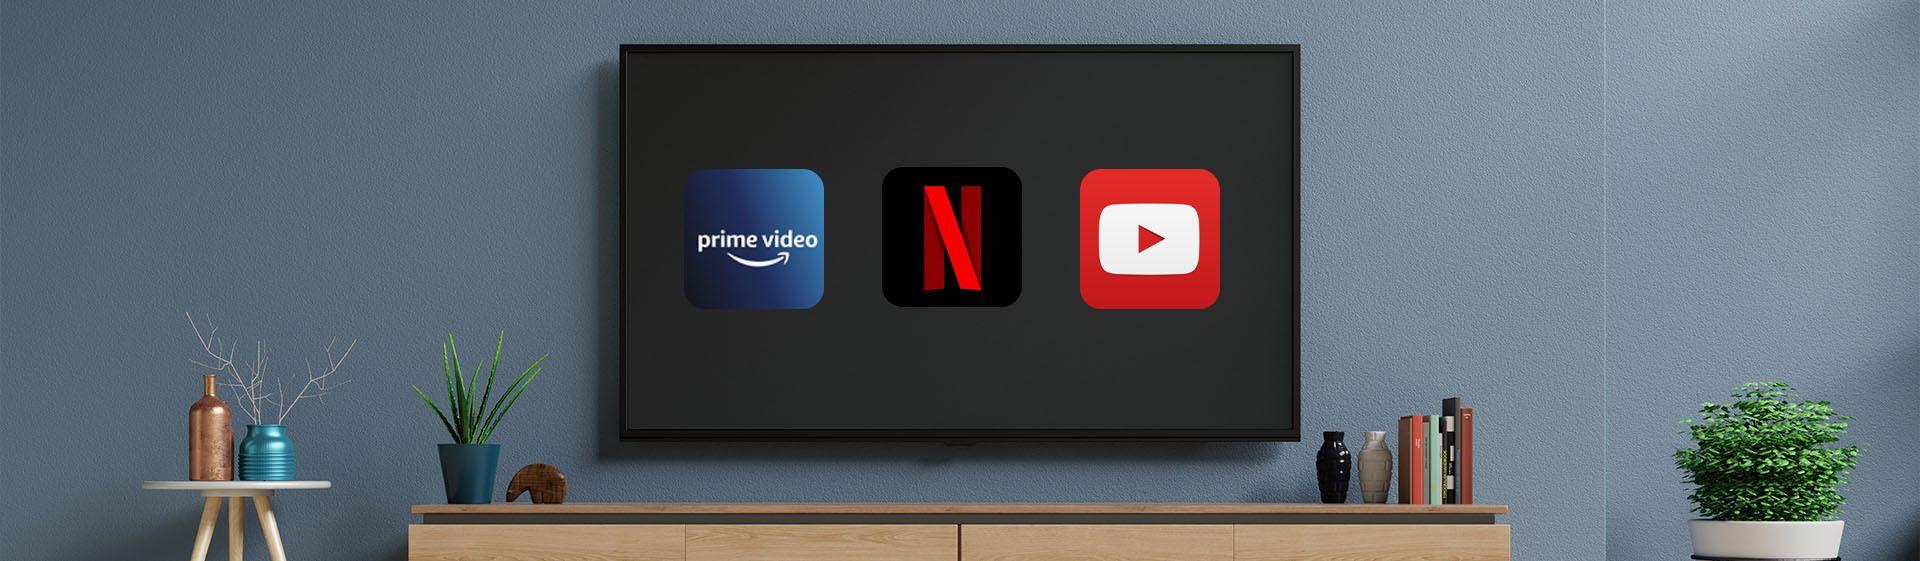 Aprenda: como baixar apps na smart TV Samsung